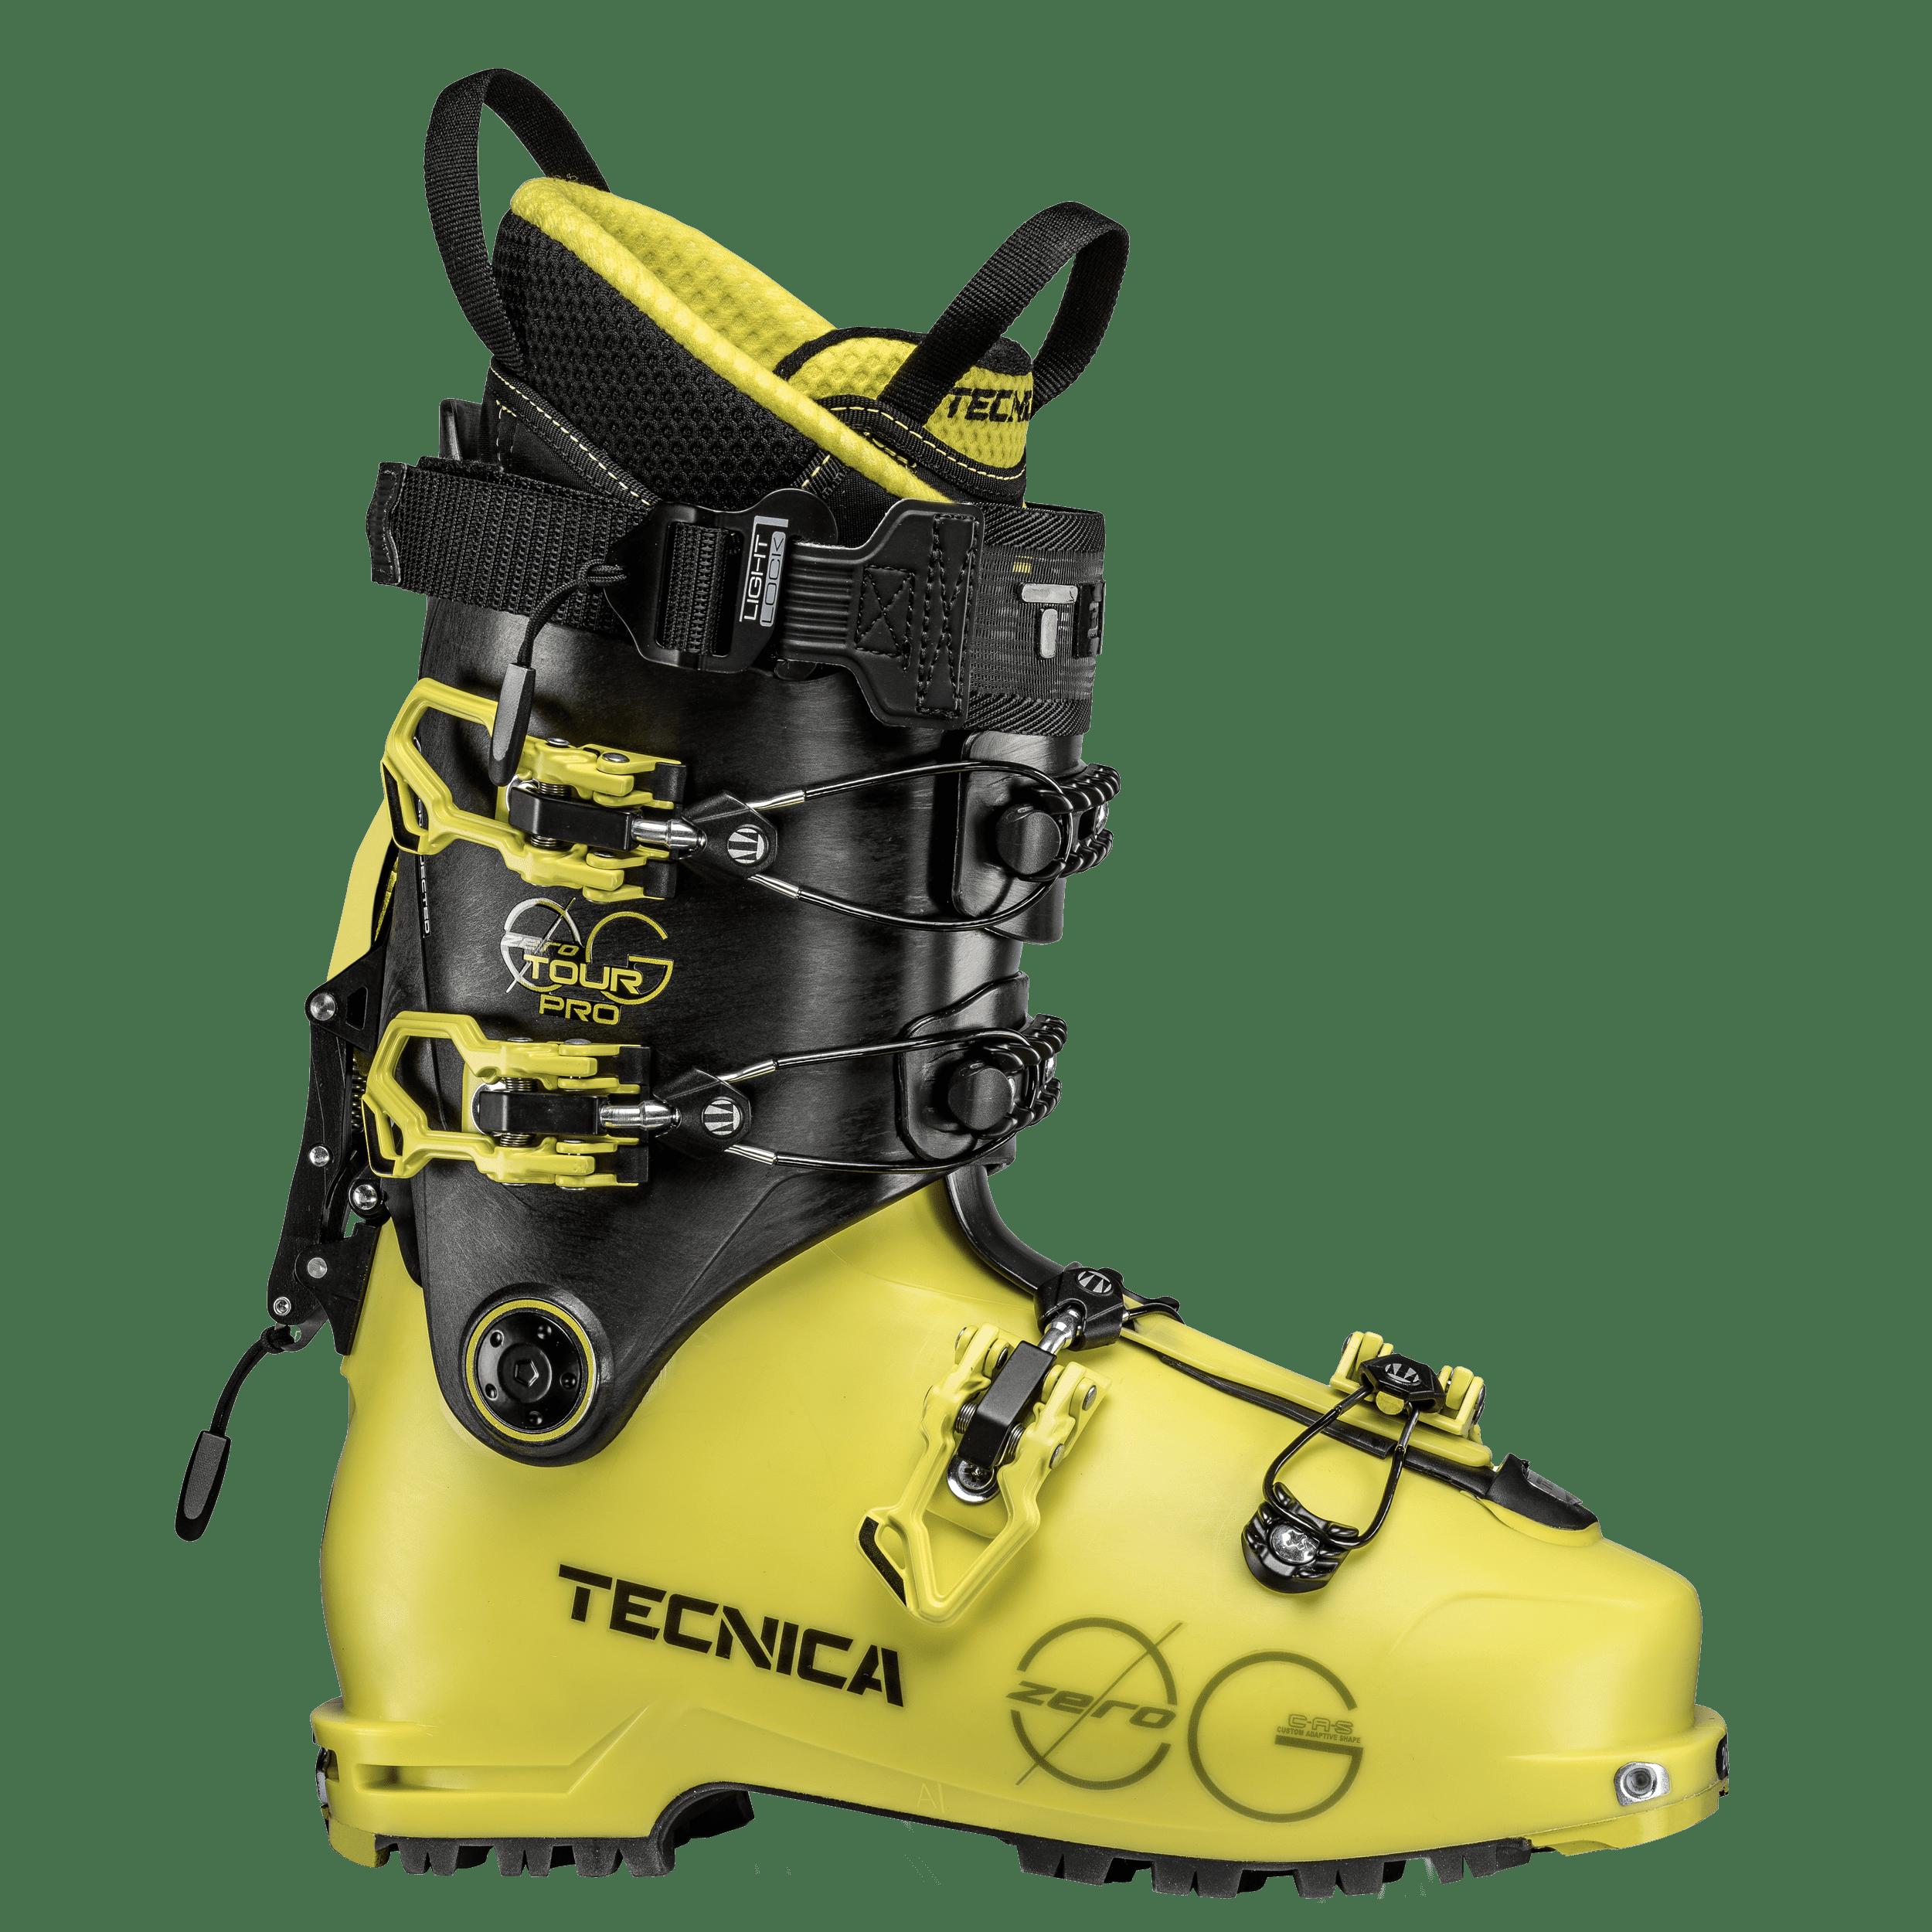 Zero G Tour Pro Bright YellowBlack